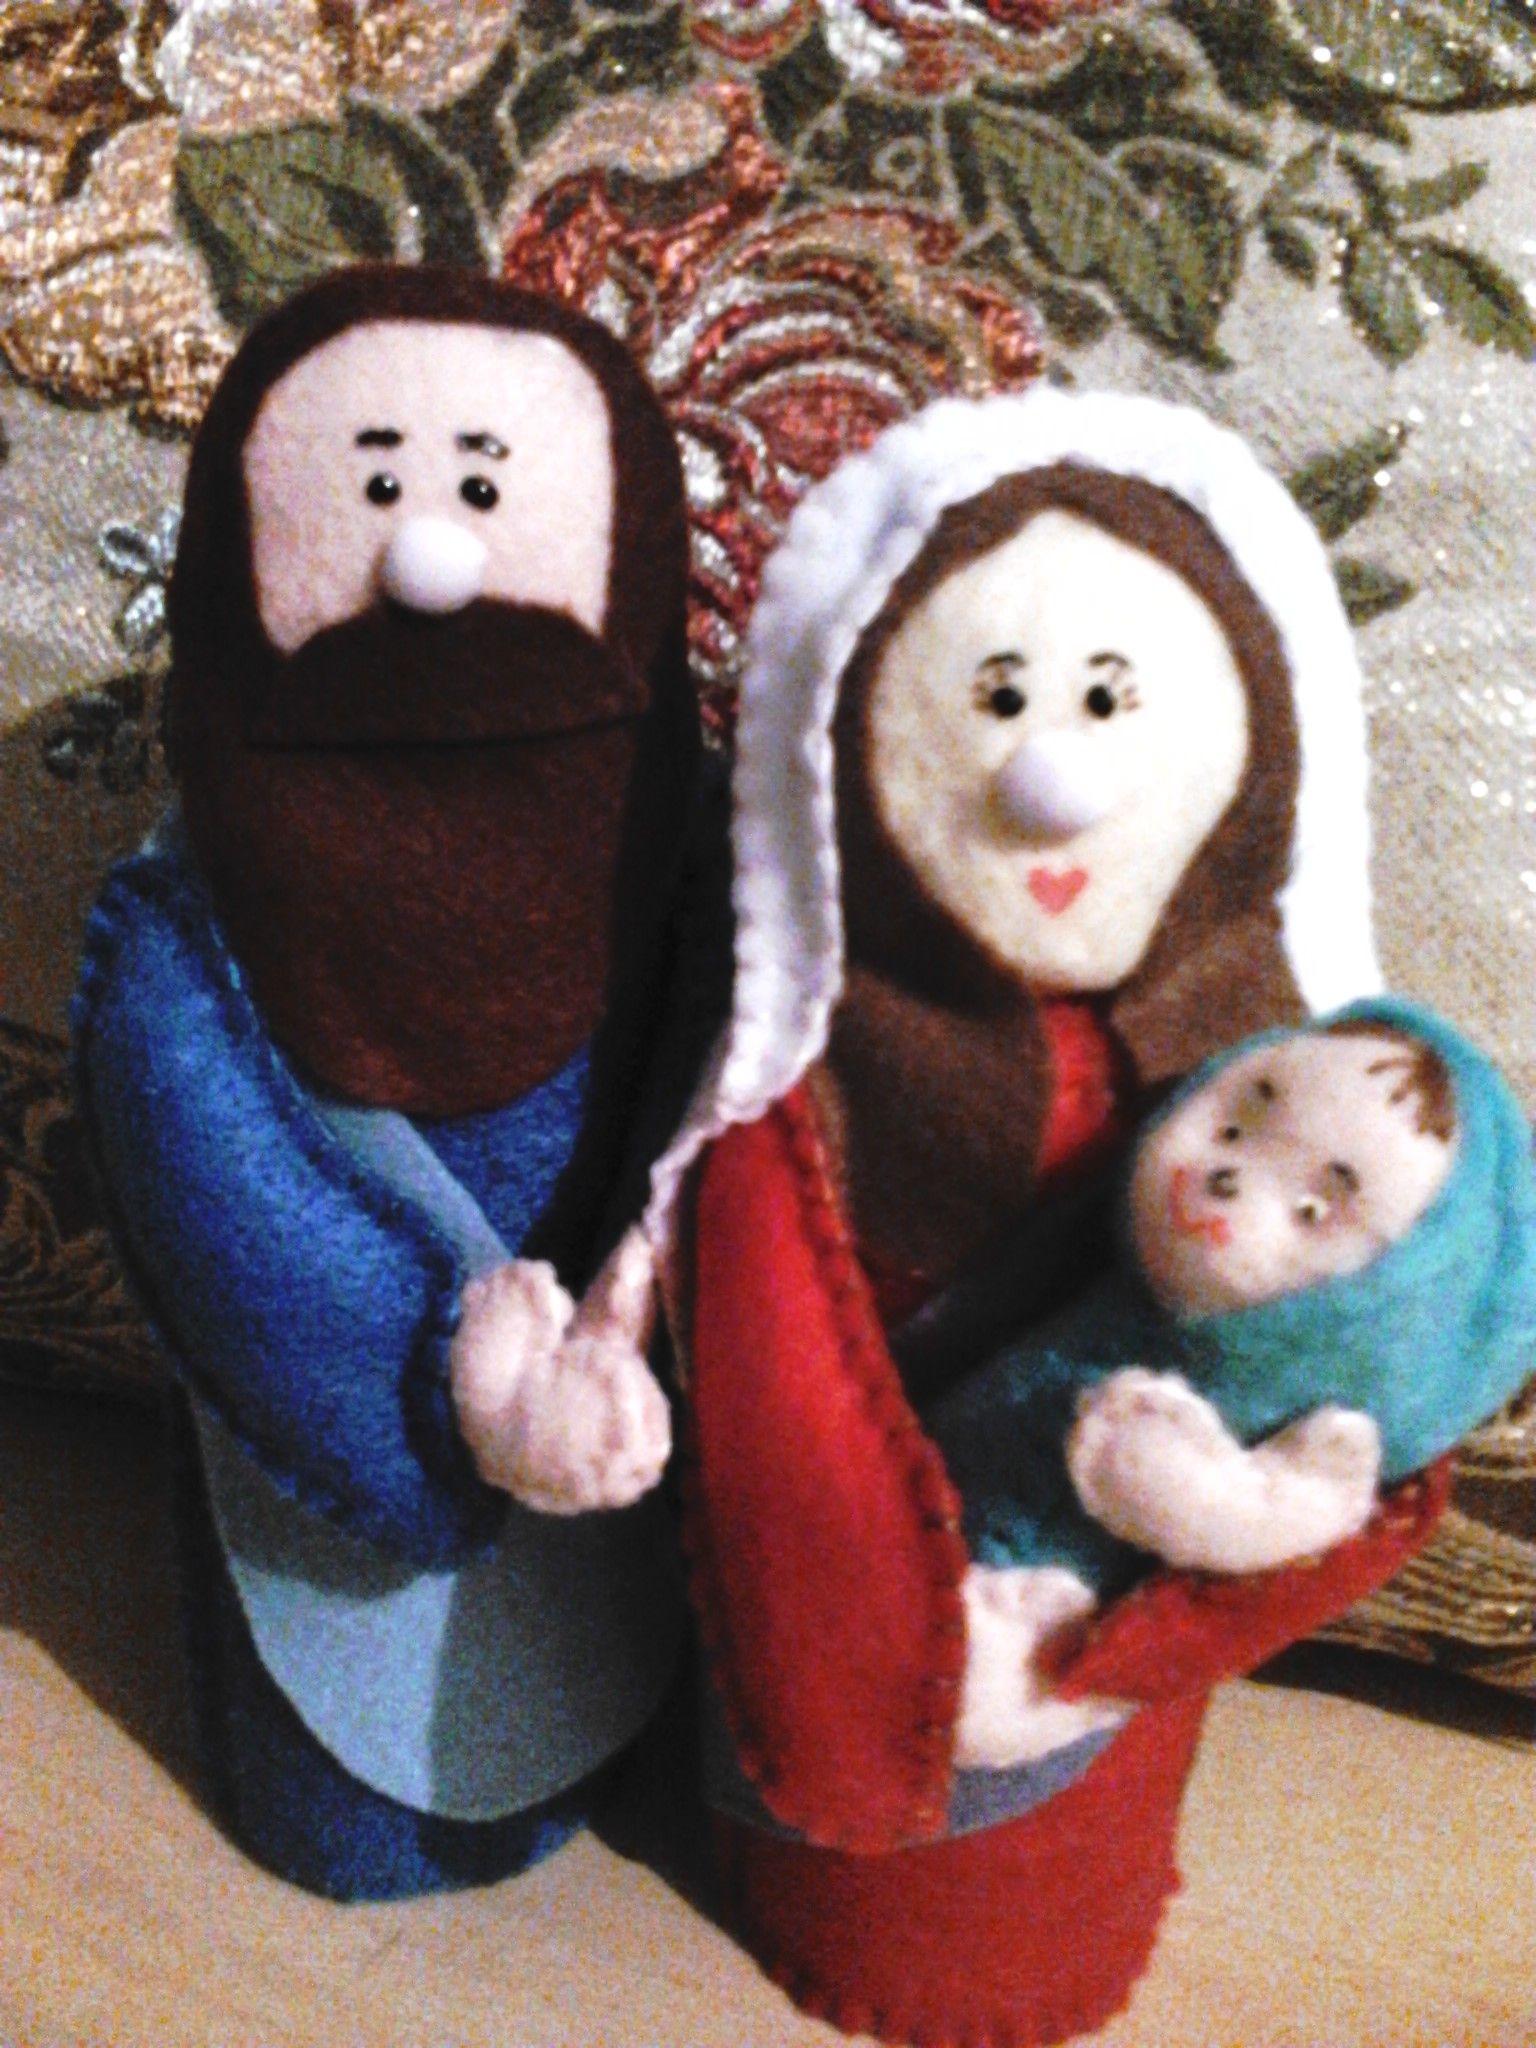 Personagens que compõem o presépio para enfeitar a casa nesse natal. A sagrada família: R$ 40,00. Vários modelos.